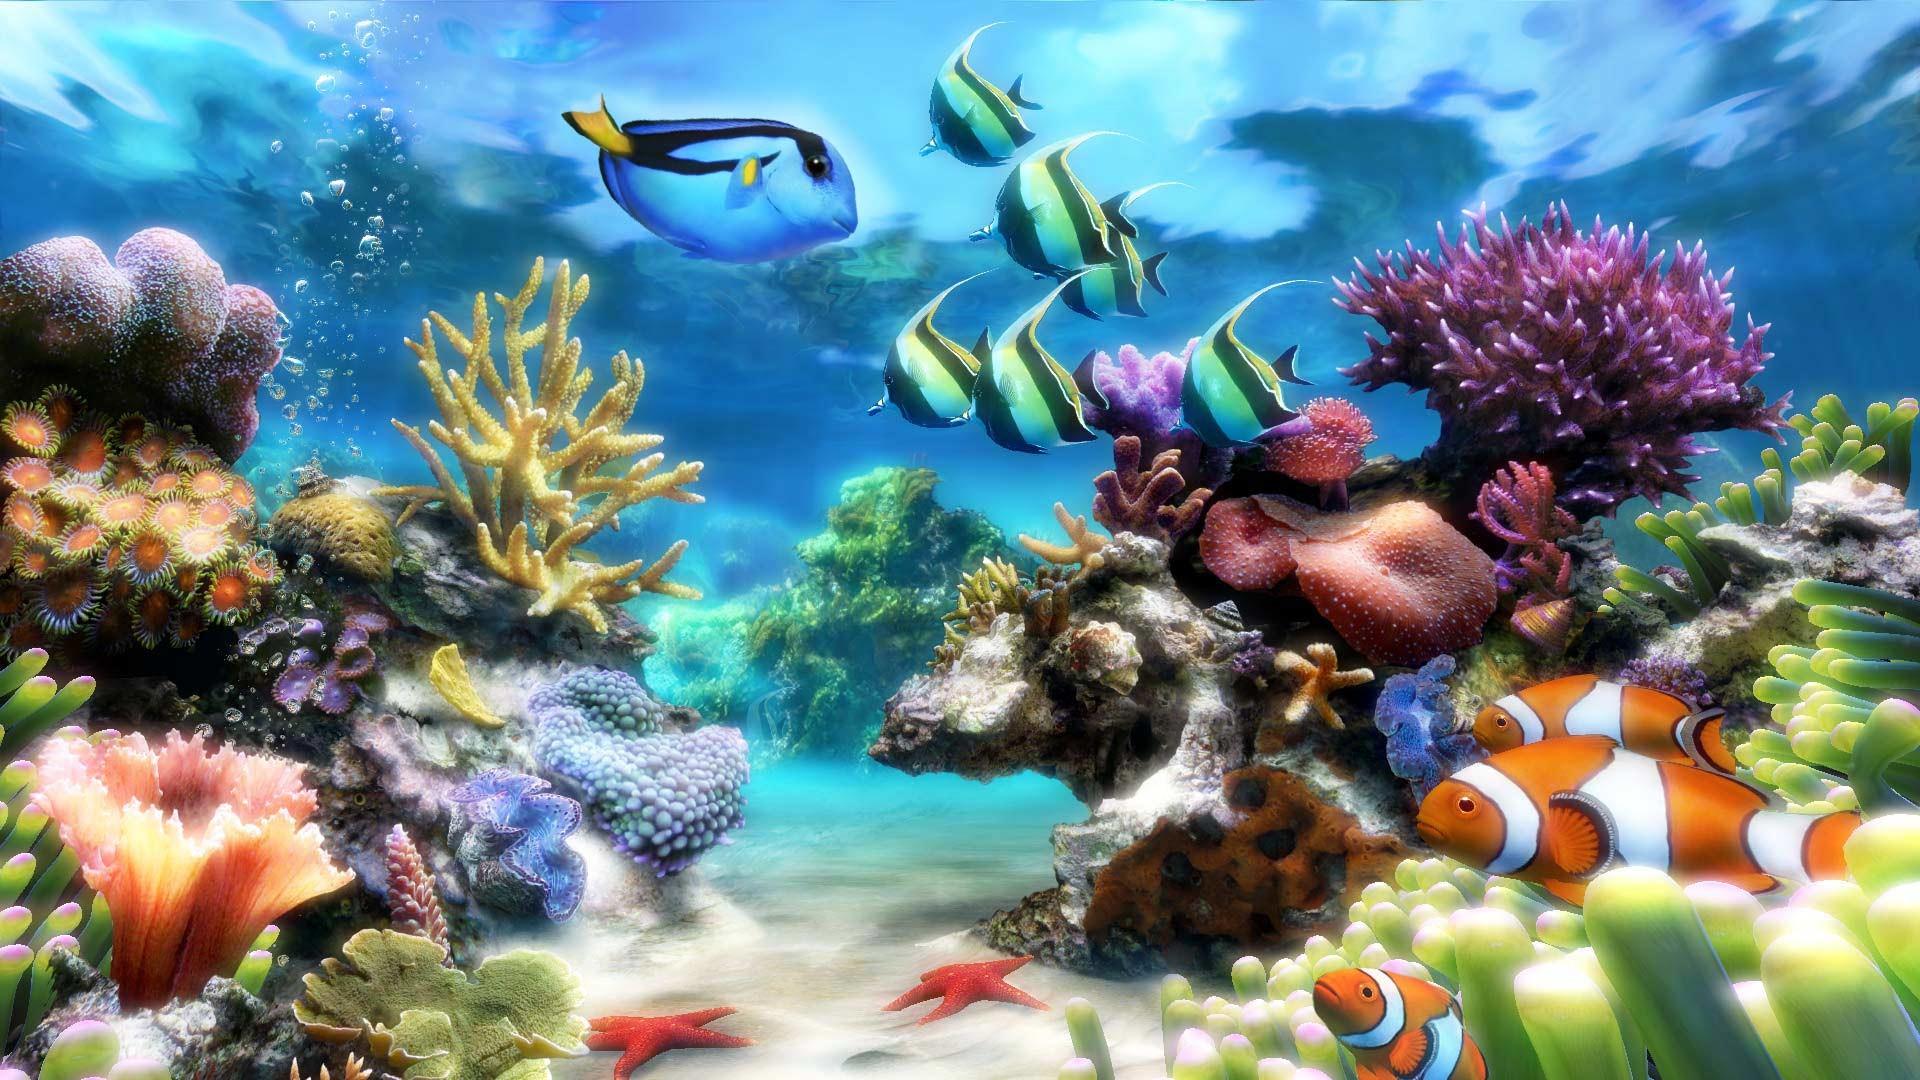 Animated aquarium desktop wallpaper 53 images - Fish tank screensaver pc free ...